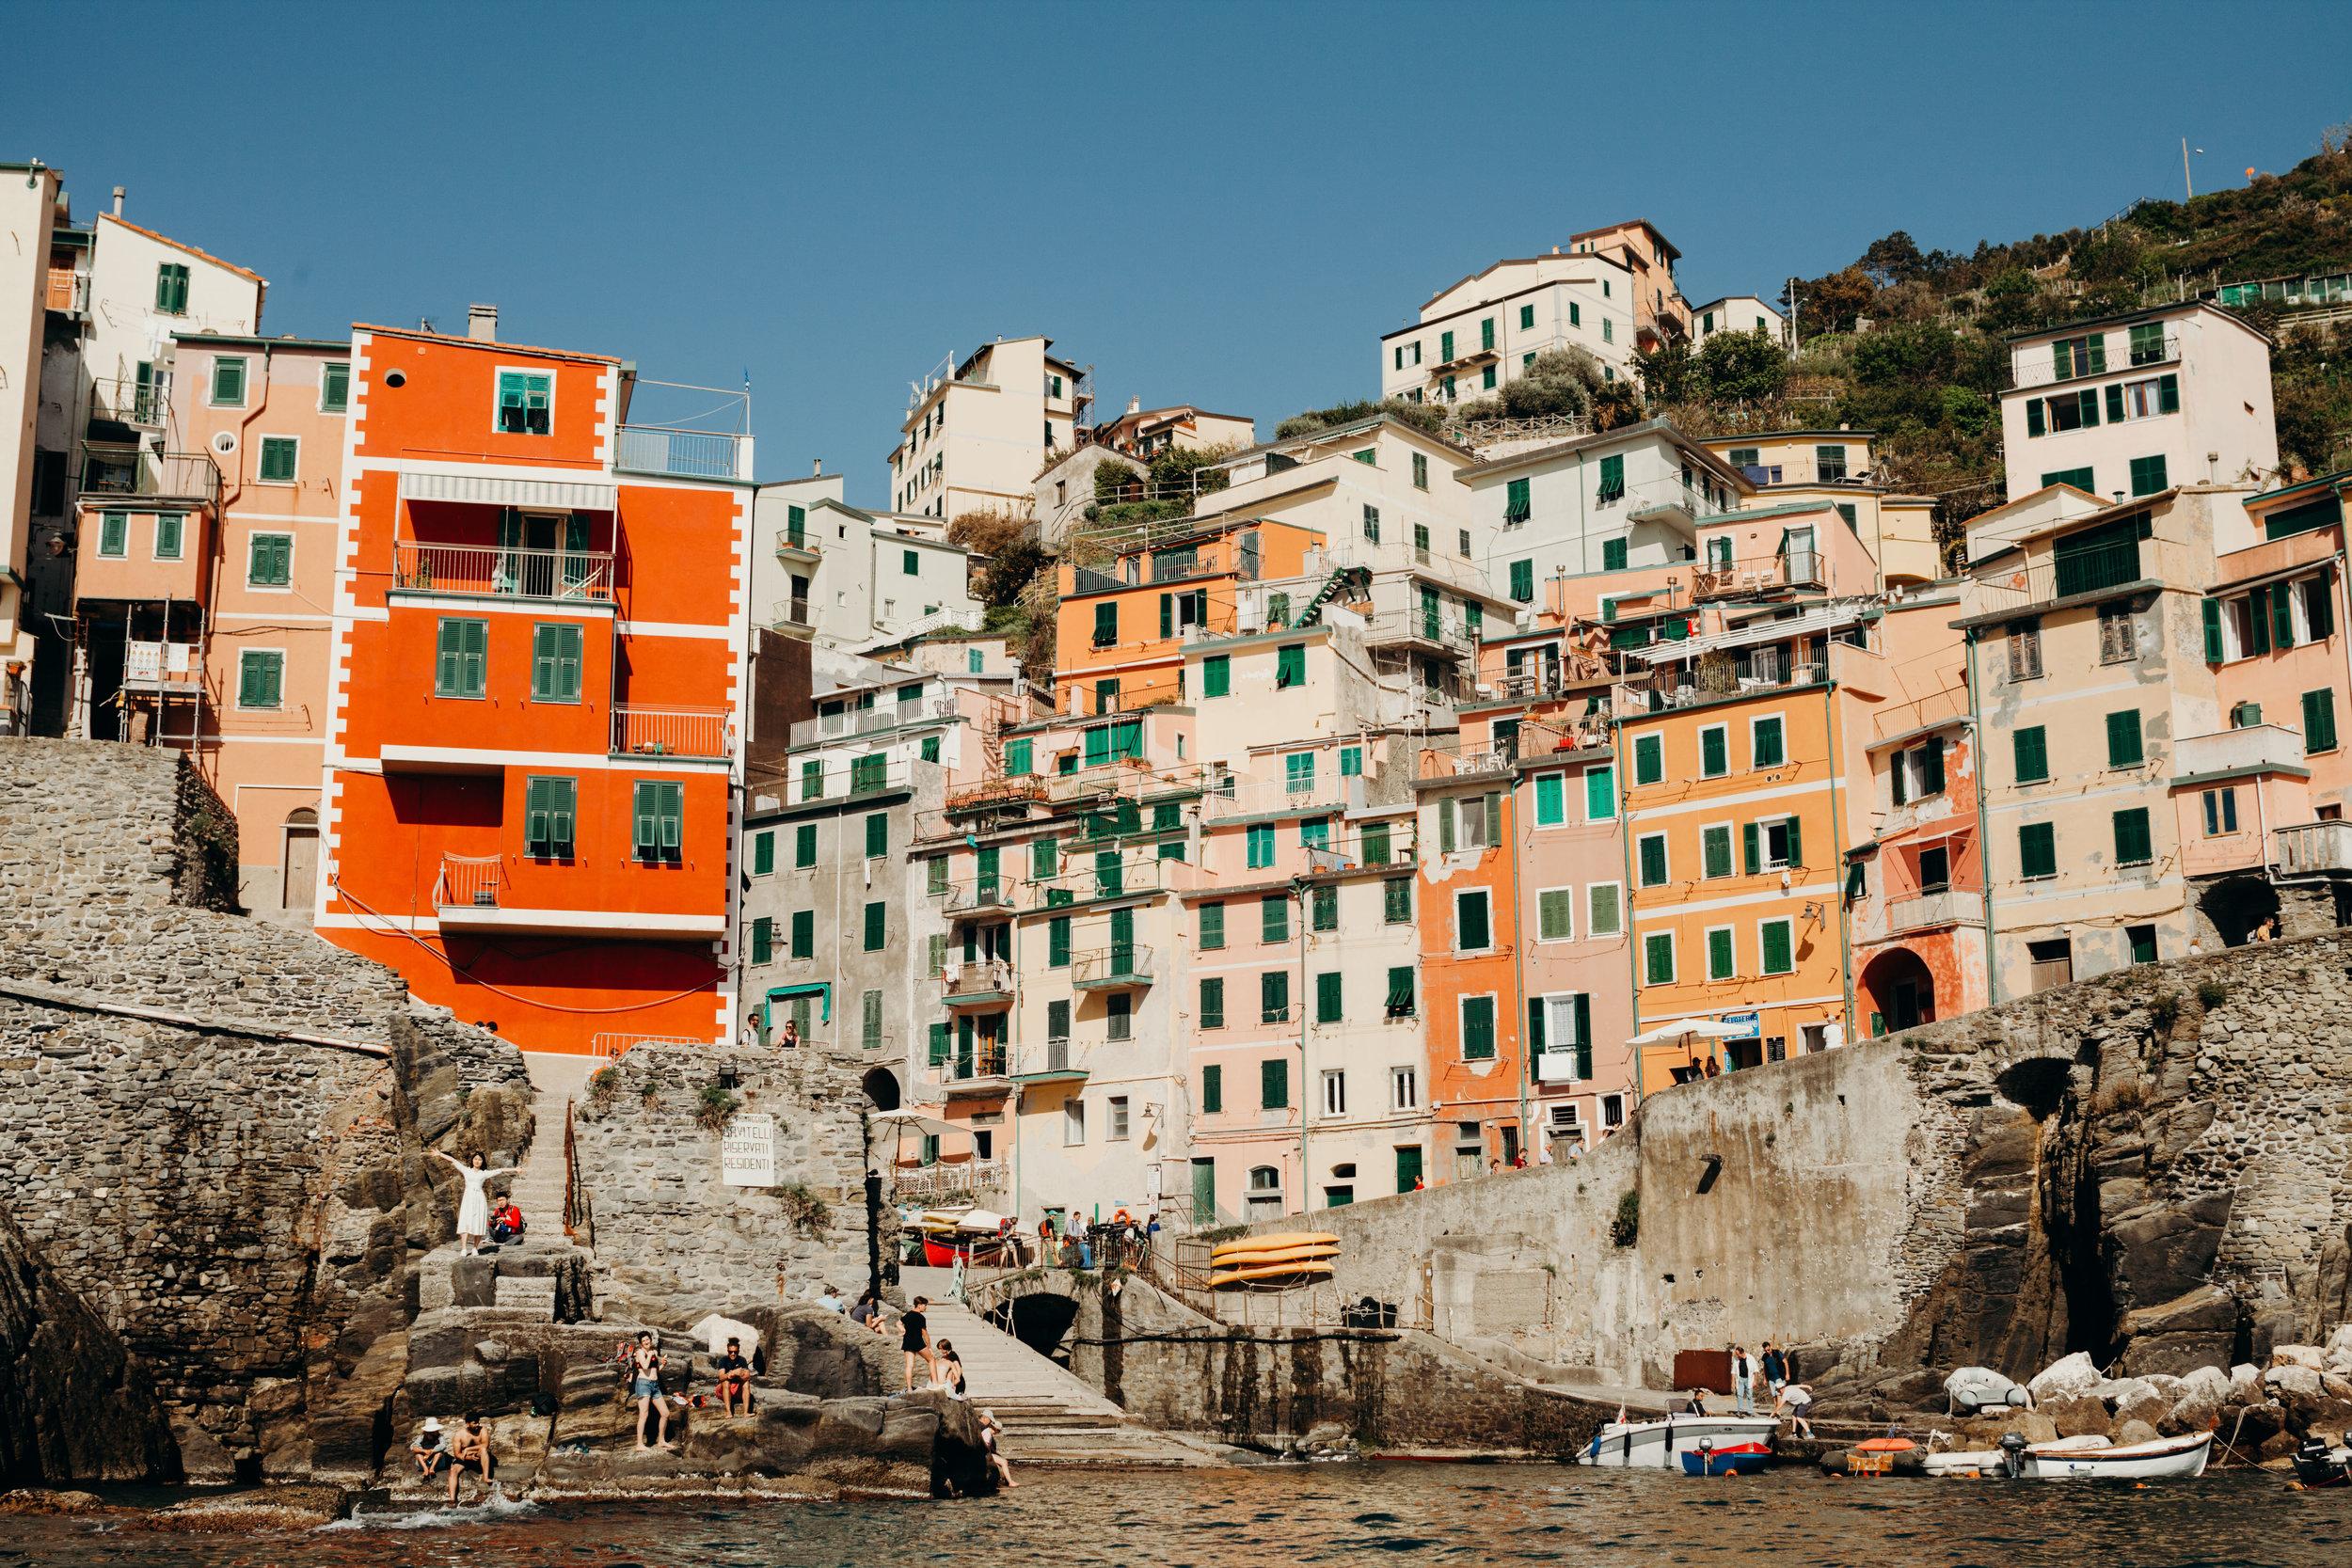 ITALIA-6185.jpg